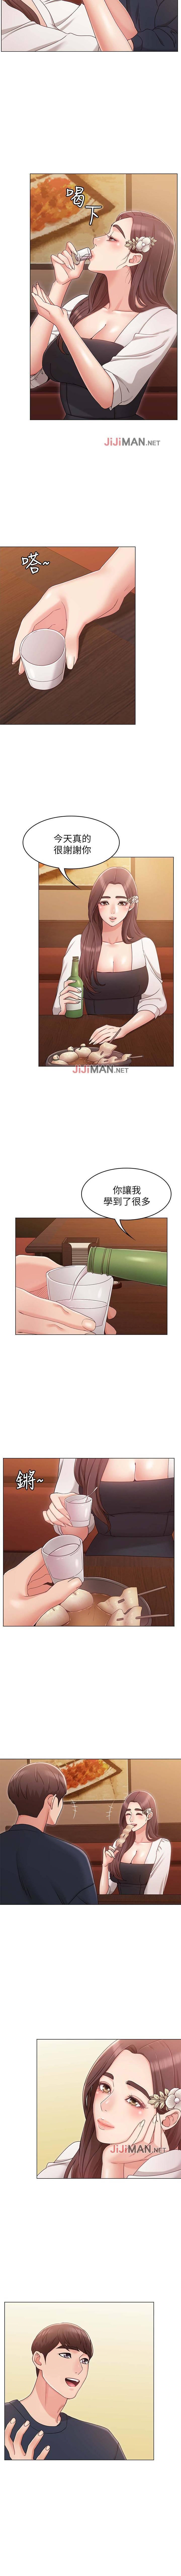 【周六连载】女友的姐姐(作者:橡果人&獵狗) 第1~23话 49